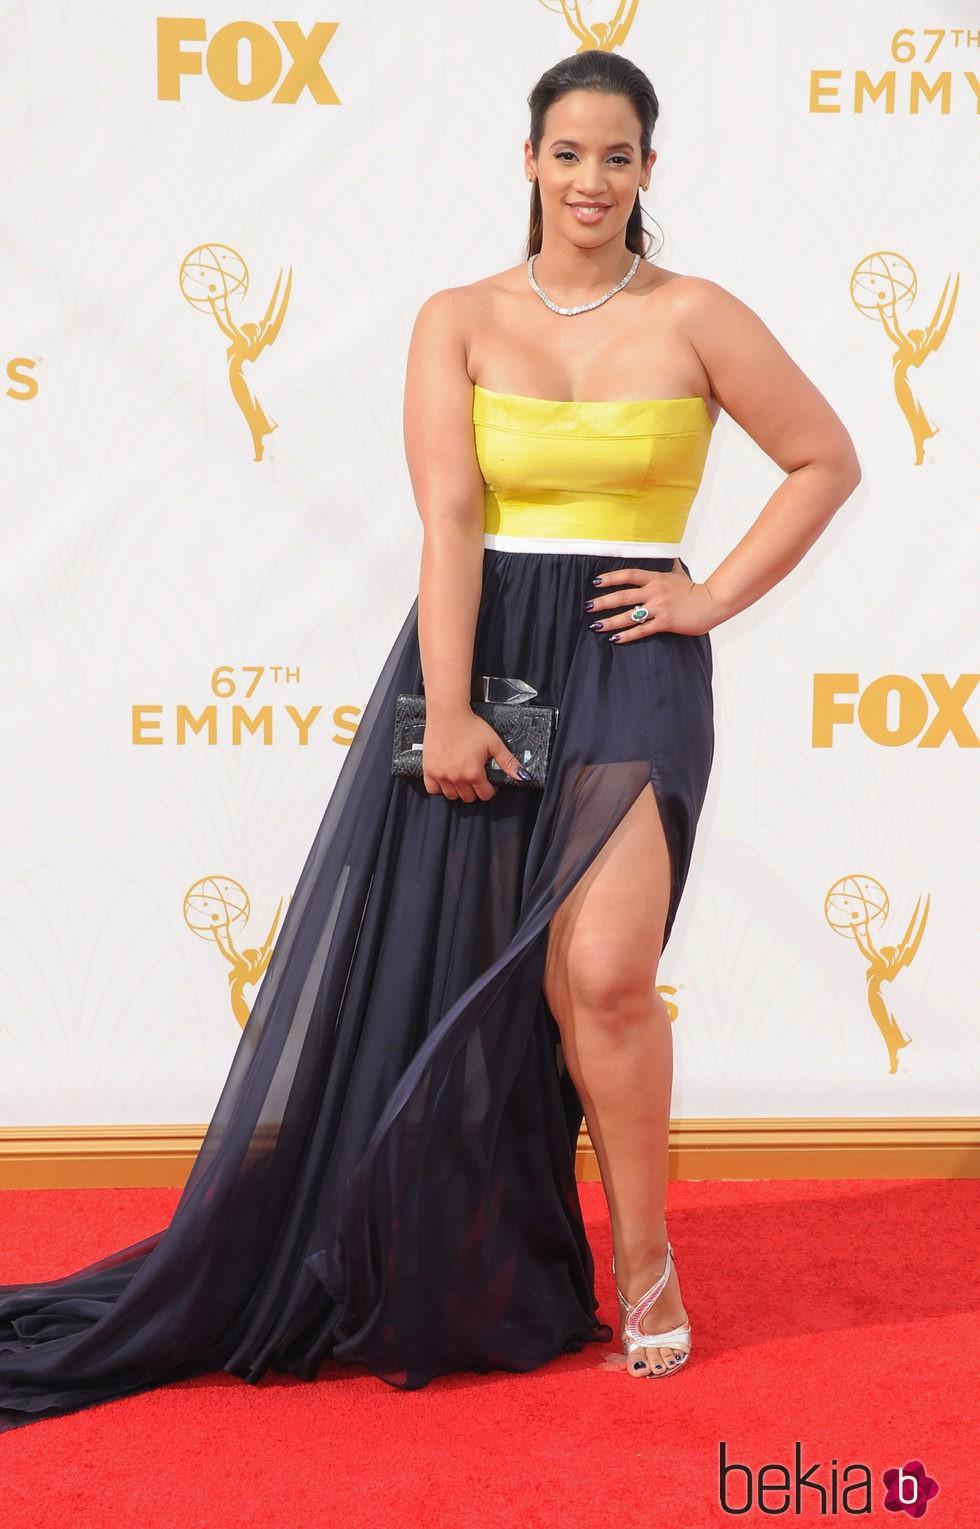 Dascha Polanco en la alfombra roja de los premios Emmy 2015